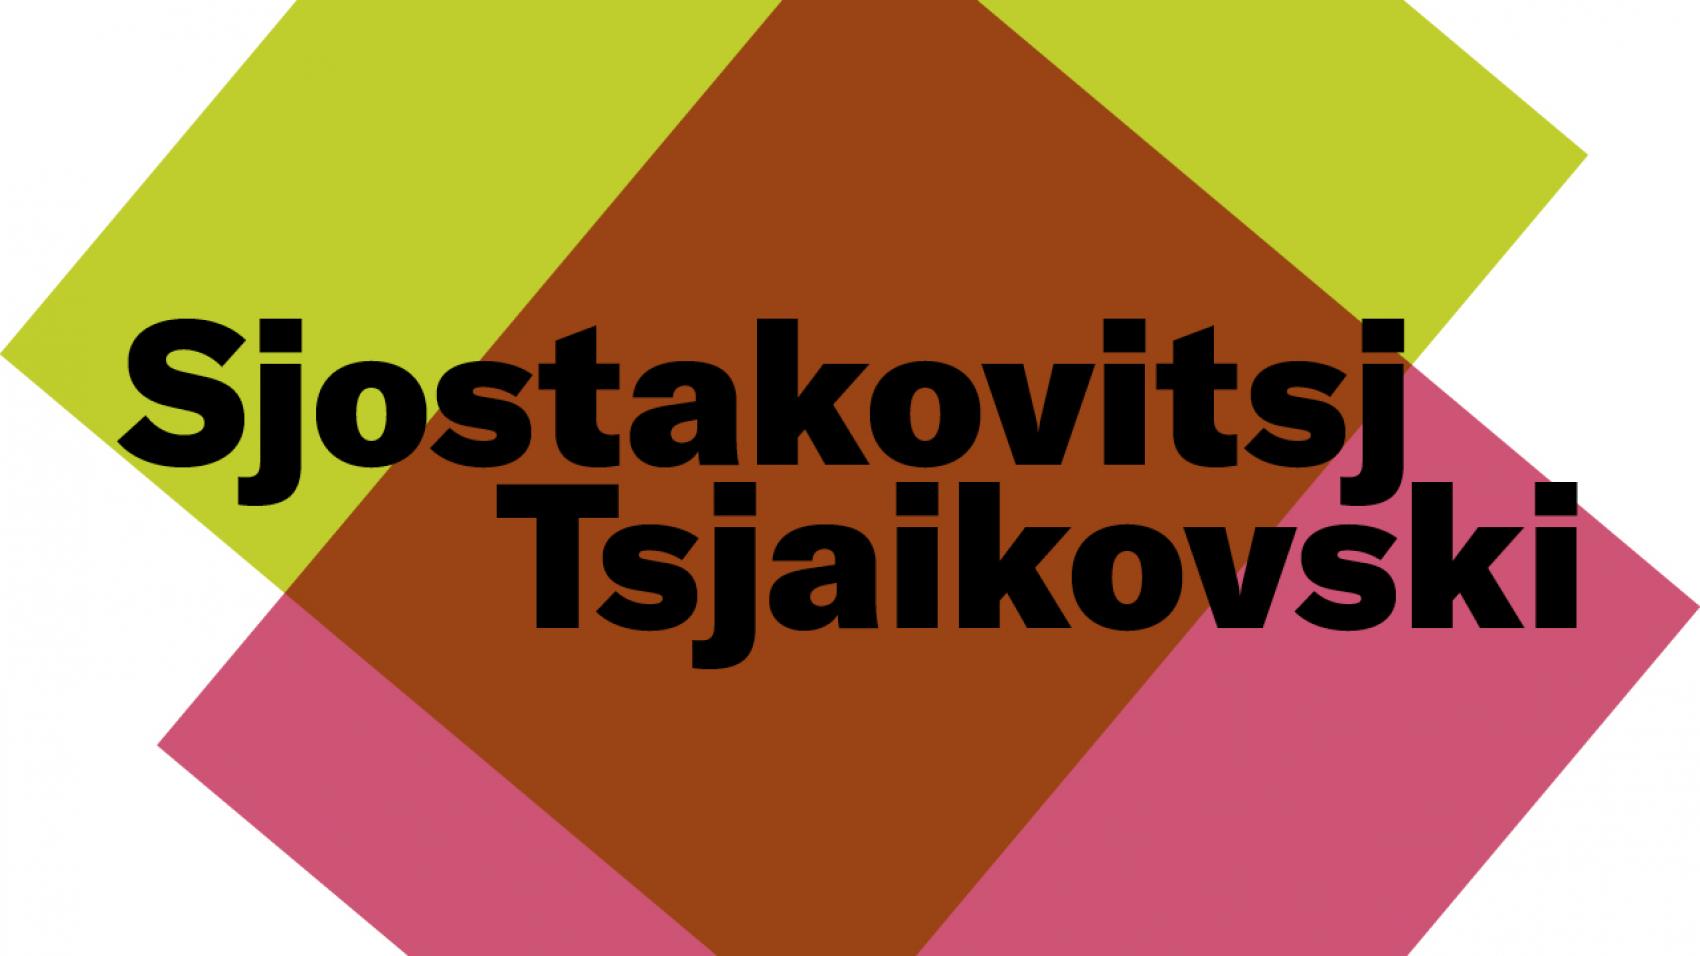 Het Nederlands Kamerorkest speelt Sjostakovitsj en Tsjaikovski